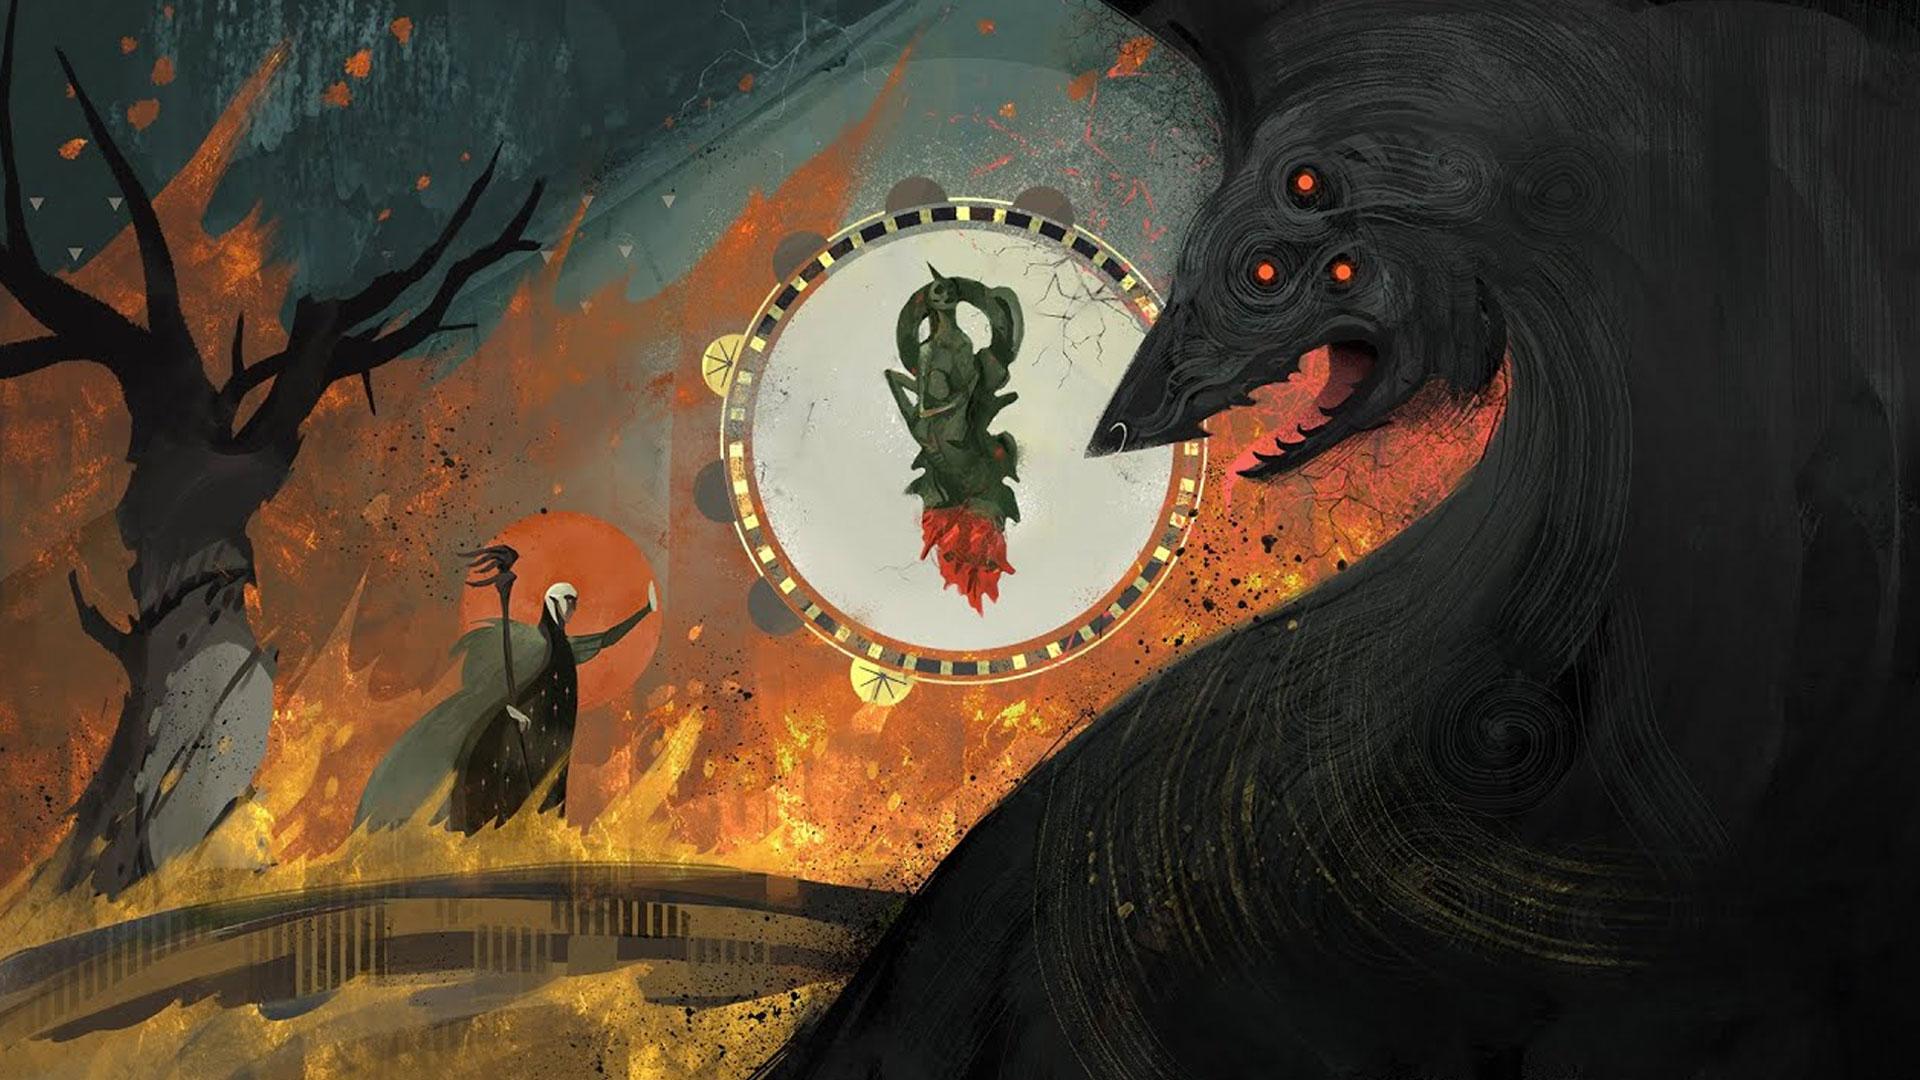 تاریخ عرضه Dragon Age 4